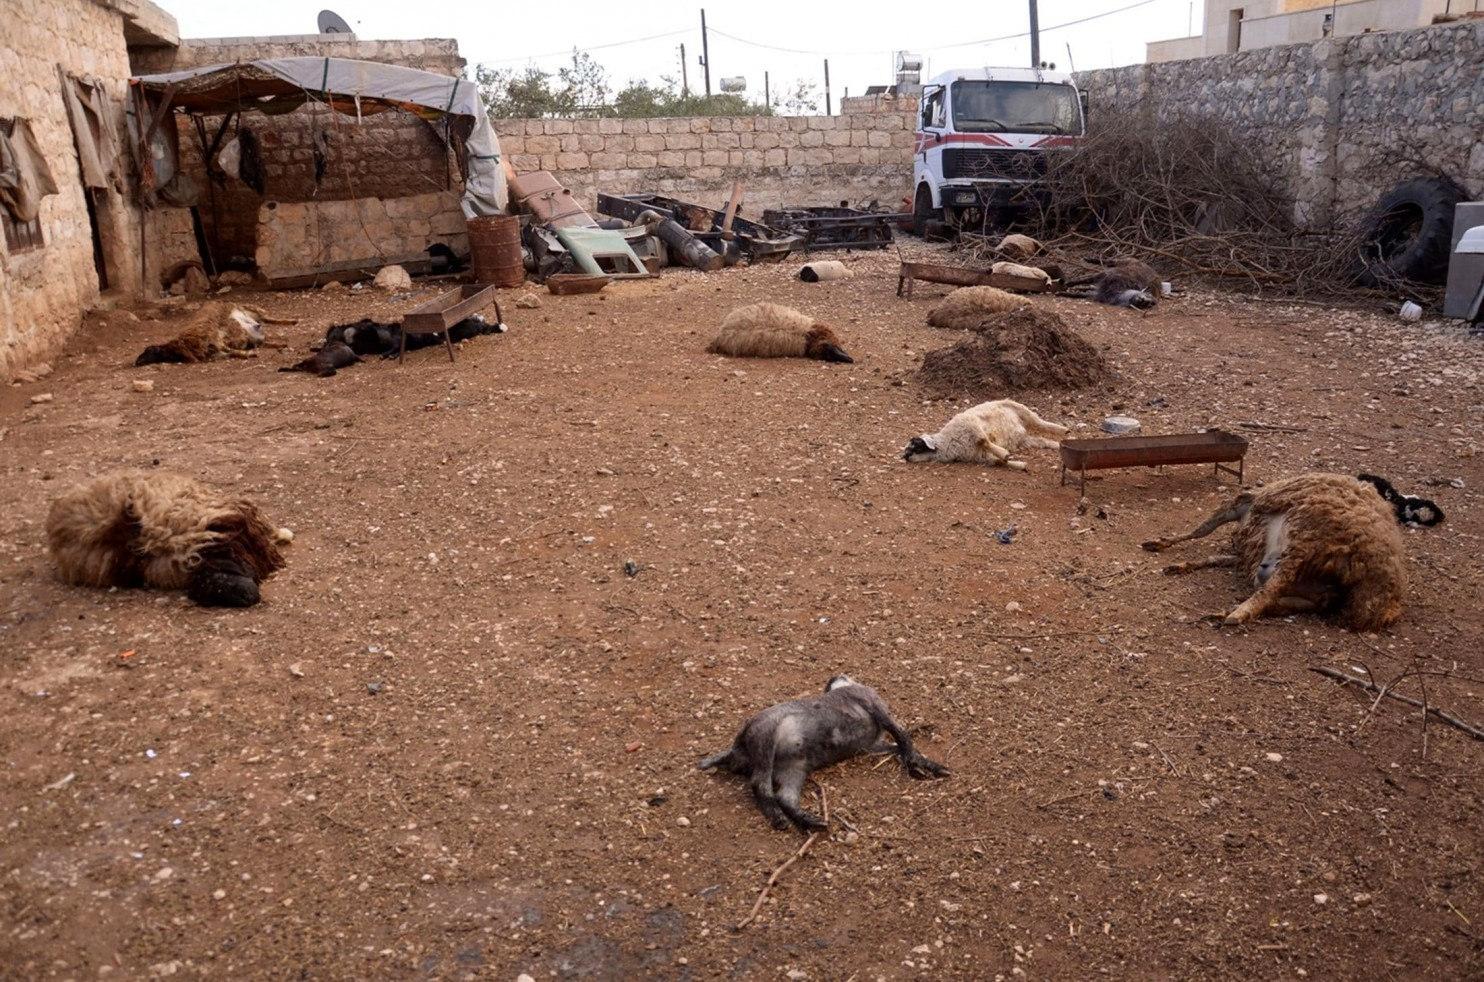 File:Aleppo dead animals March 2013.jpg